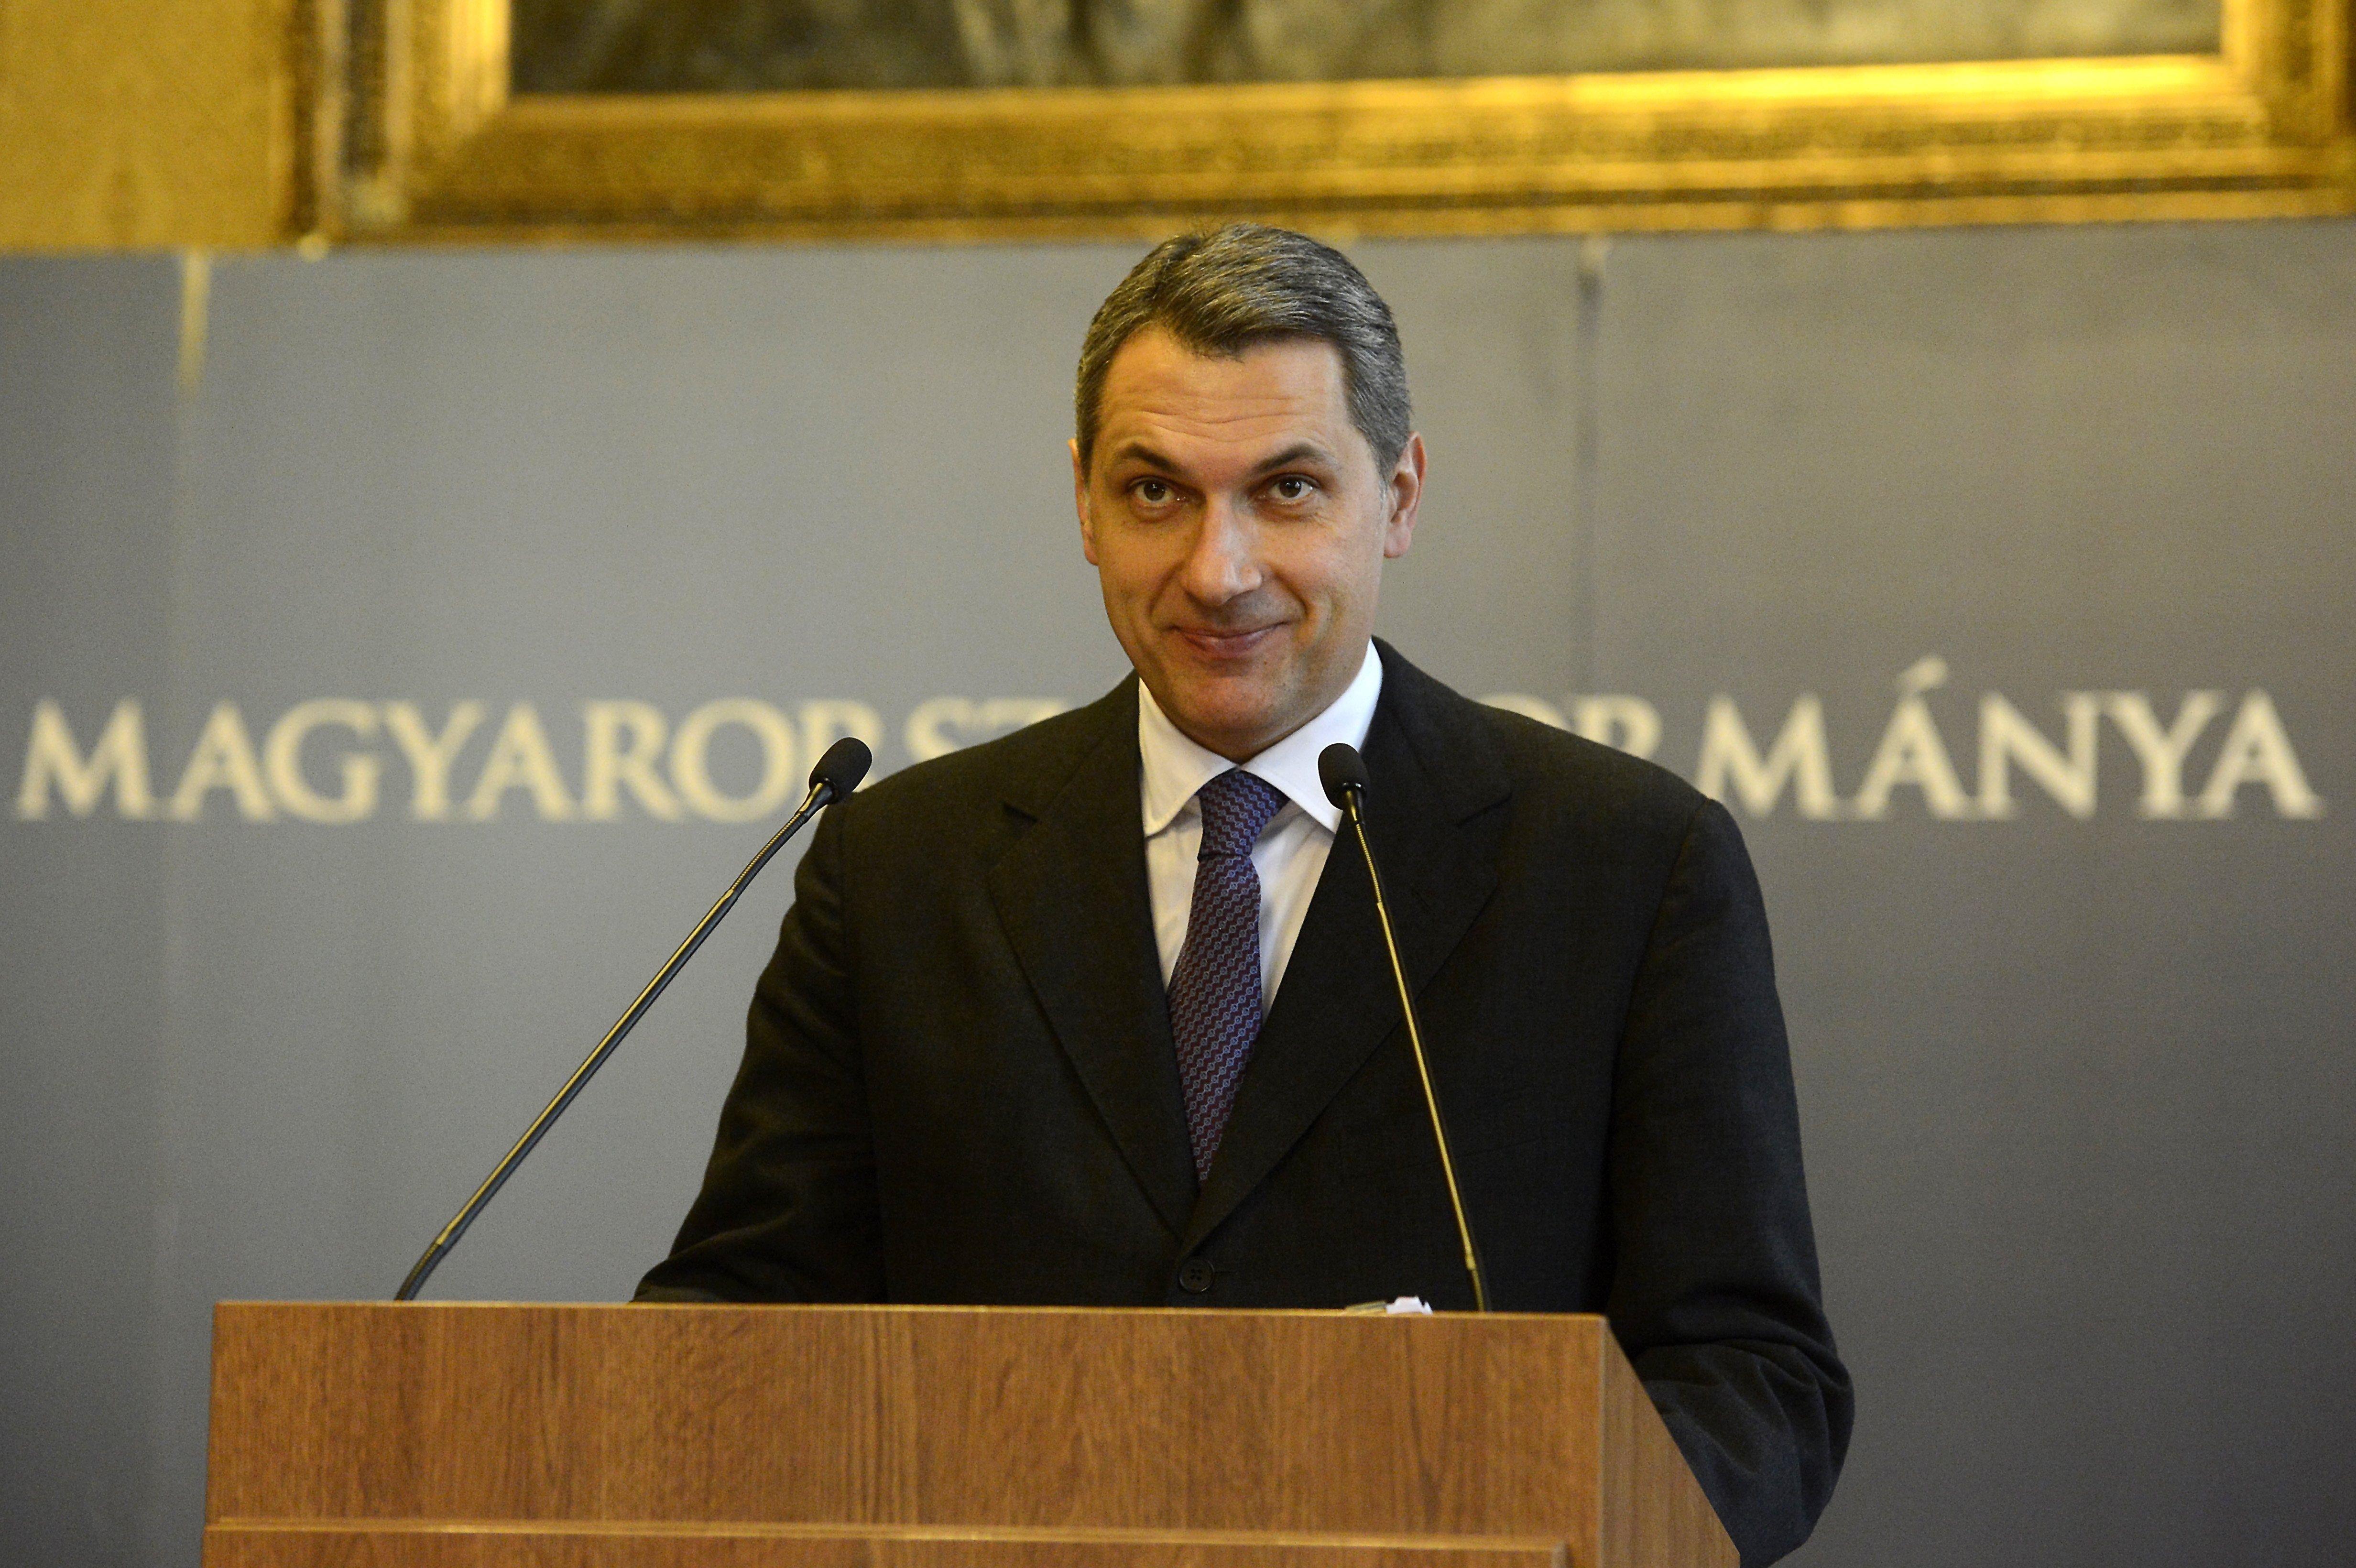 Lázár szerint Rogánt kell megkérdezni arról, hogy a TEK átvilágításán megbukott Zaid Naffa találkozott-e Orbánnal